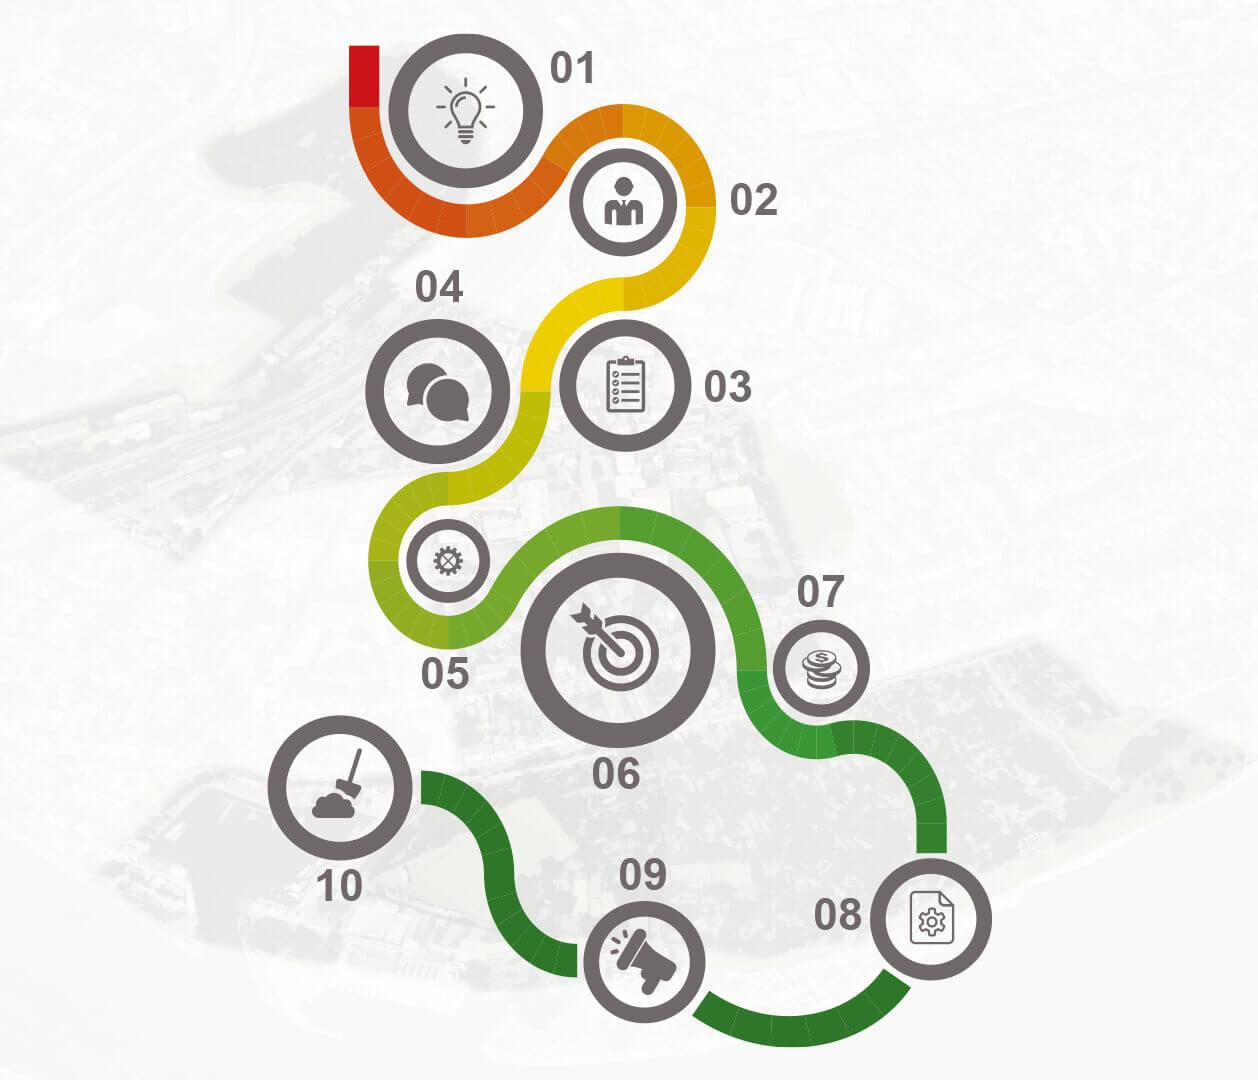 Darstellung zur Umsetzung der einzelnen Projekte